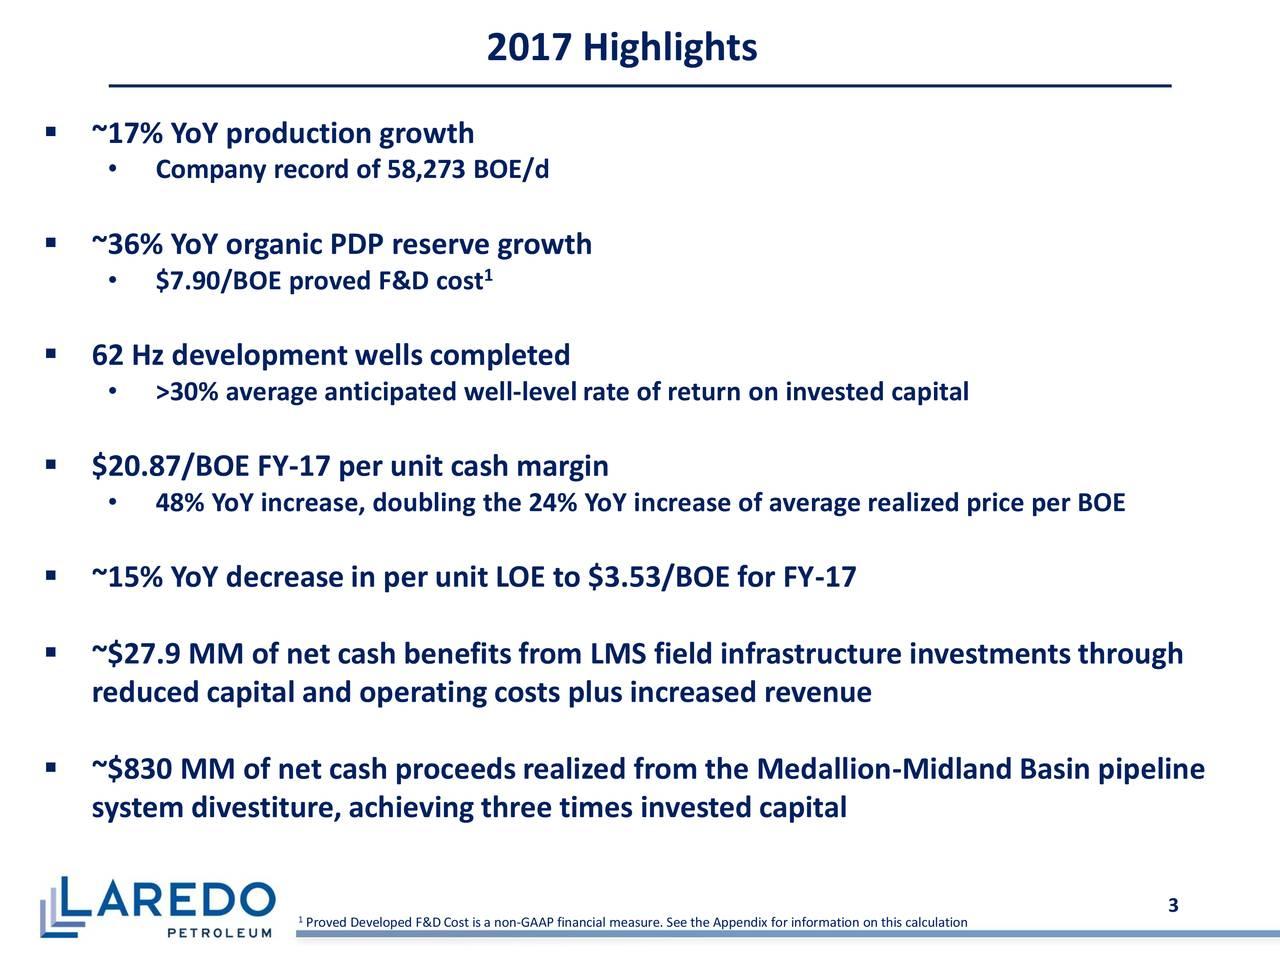 Laredo Petroleum Holdings, Inc. 2017 Q4